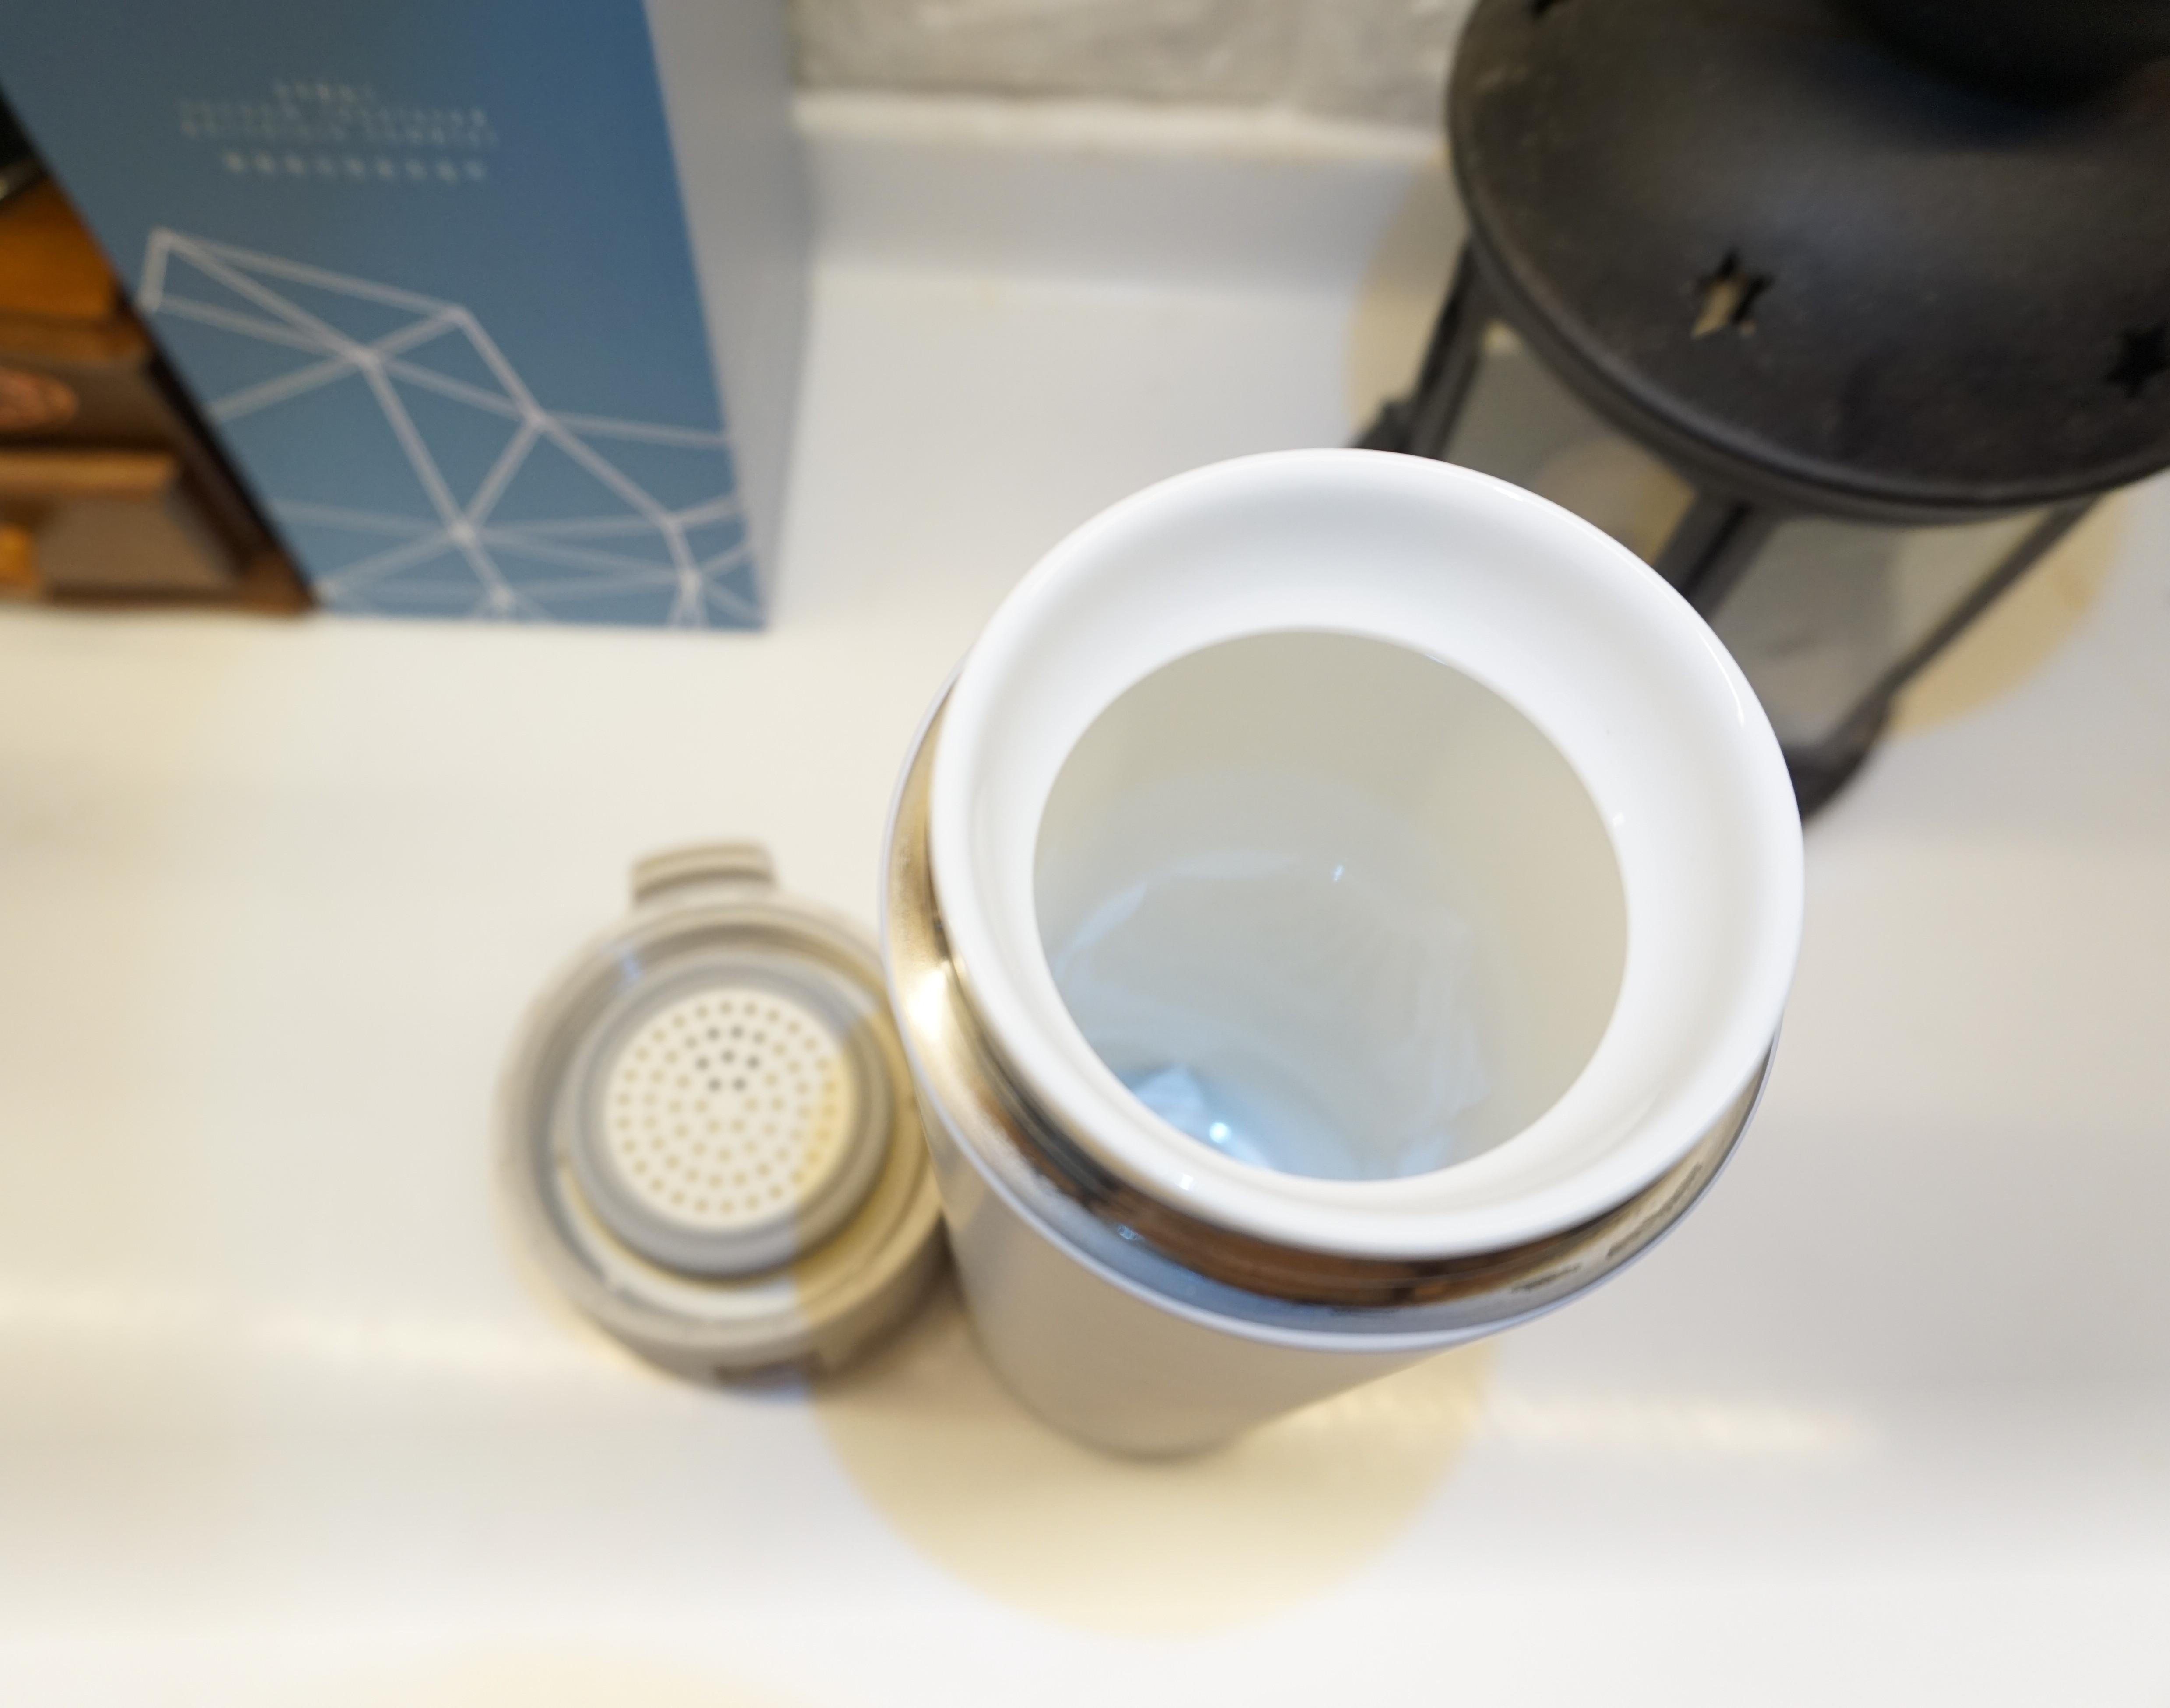 不挑飲品 SWANZ 保溫杯 環保新選擇!的第 5 張圖片